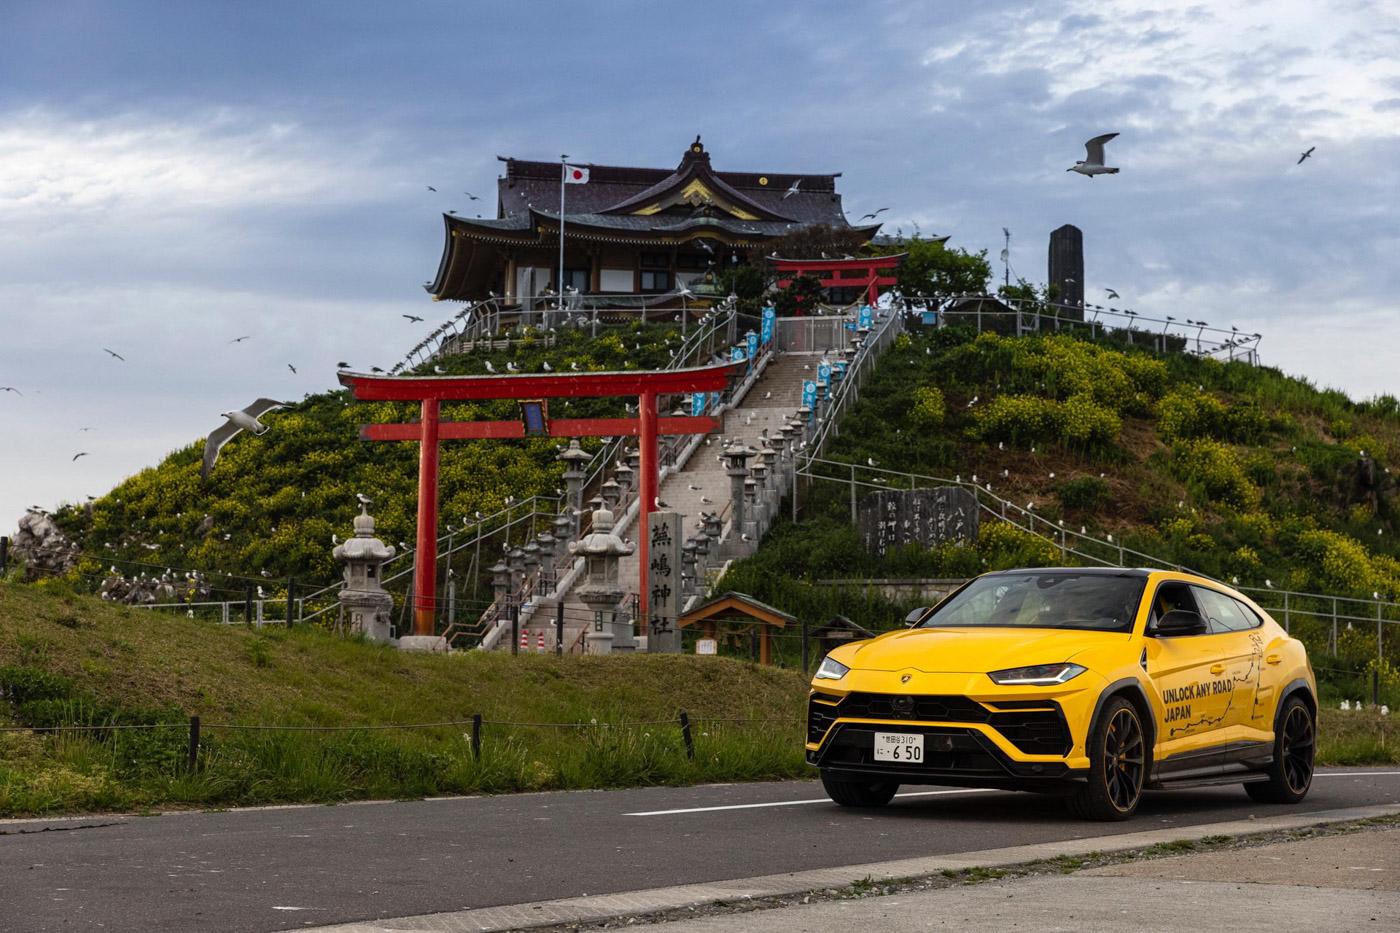 Bộ-đôi-Lamborghini-Urus-vượt-hơn-6.500-km-trong-hành-trình-xuyên-Nhật-Bản (39).jpg